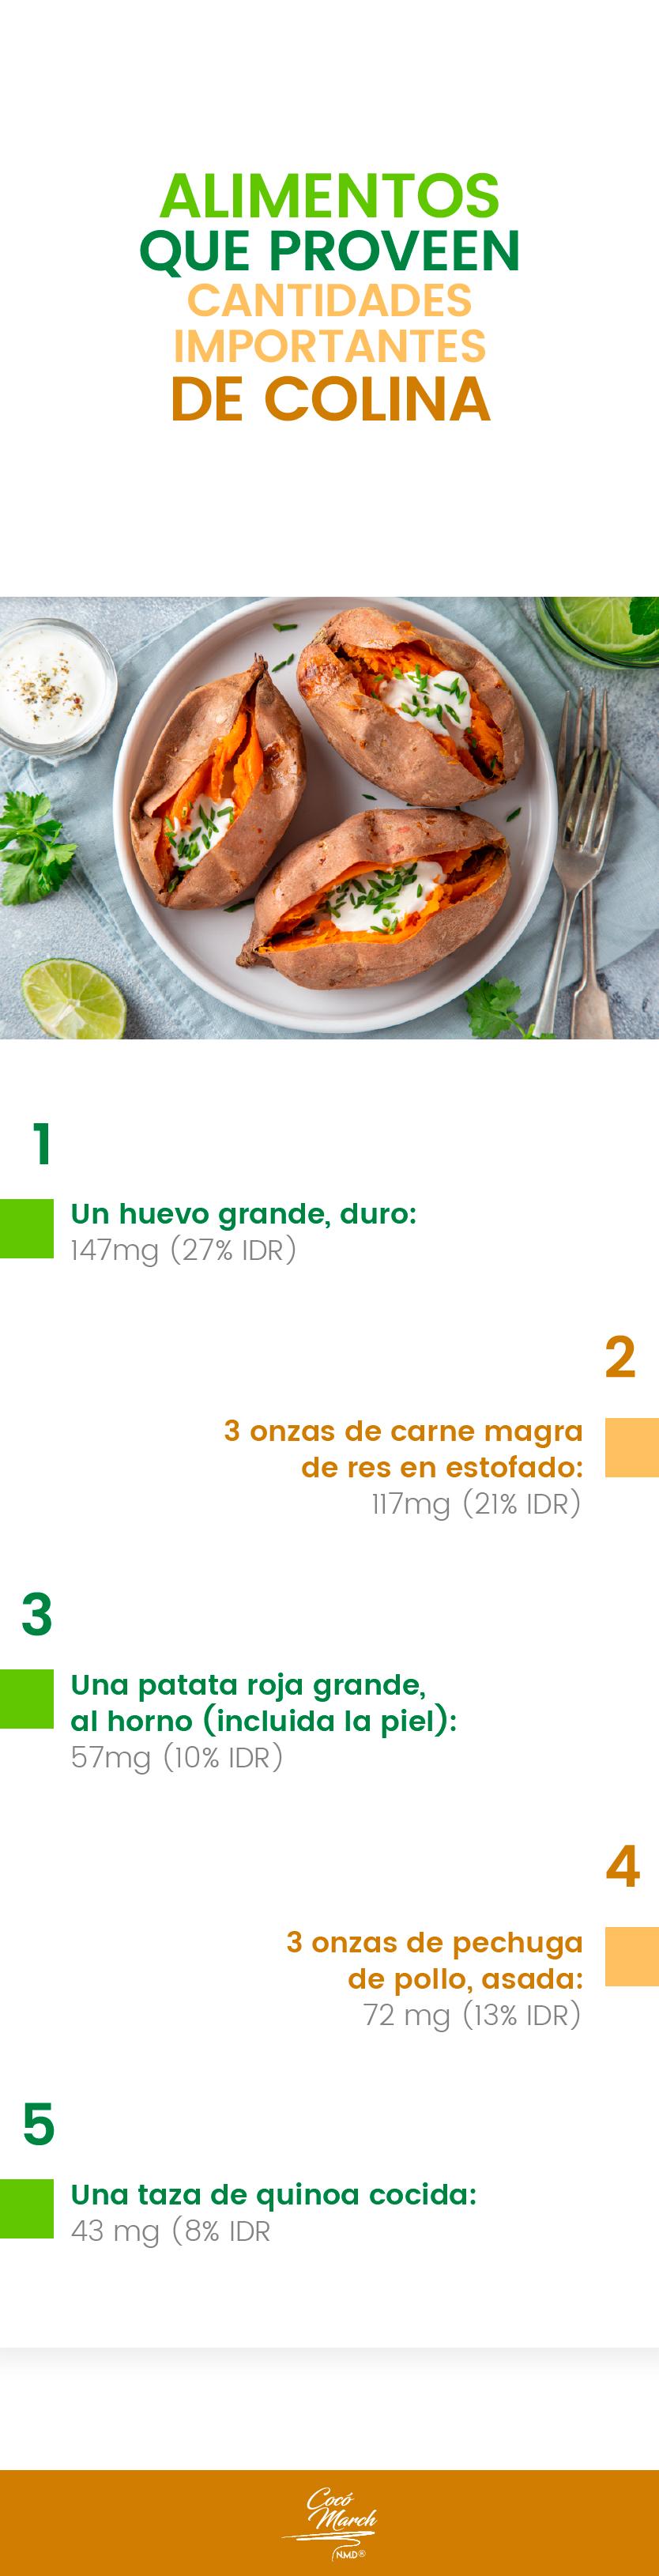 alimentos-que-proveen-cantidades-importantes-de-colina